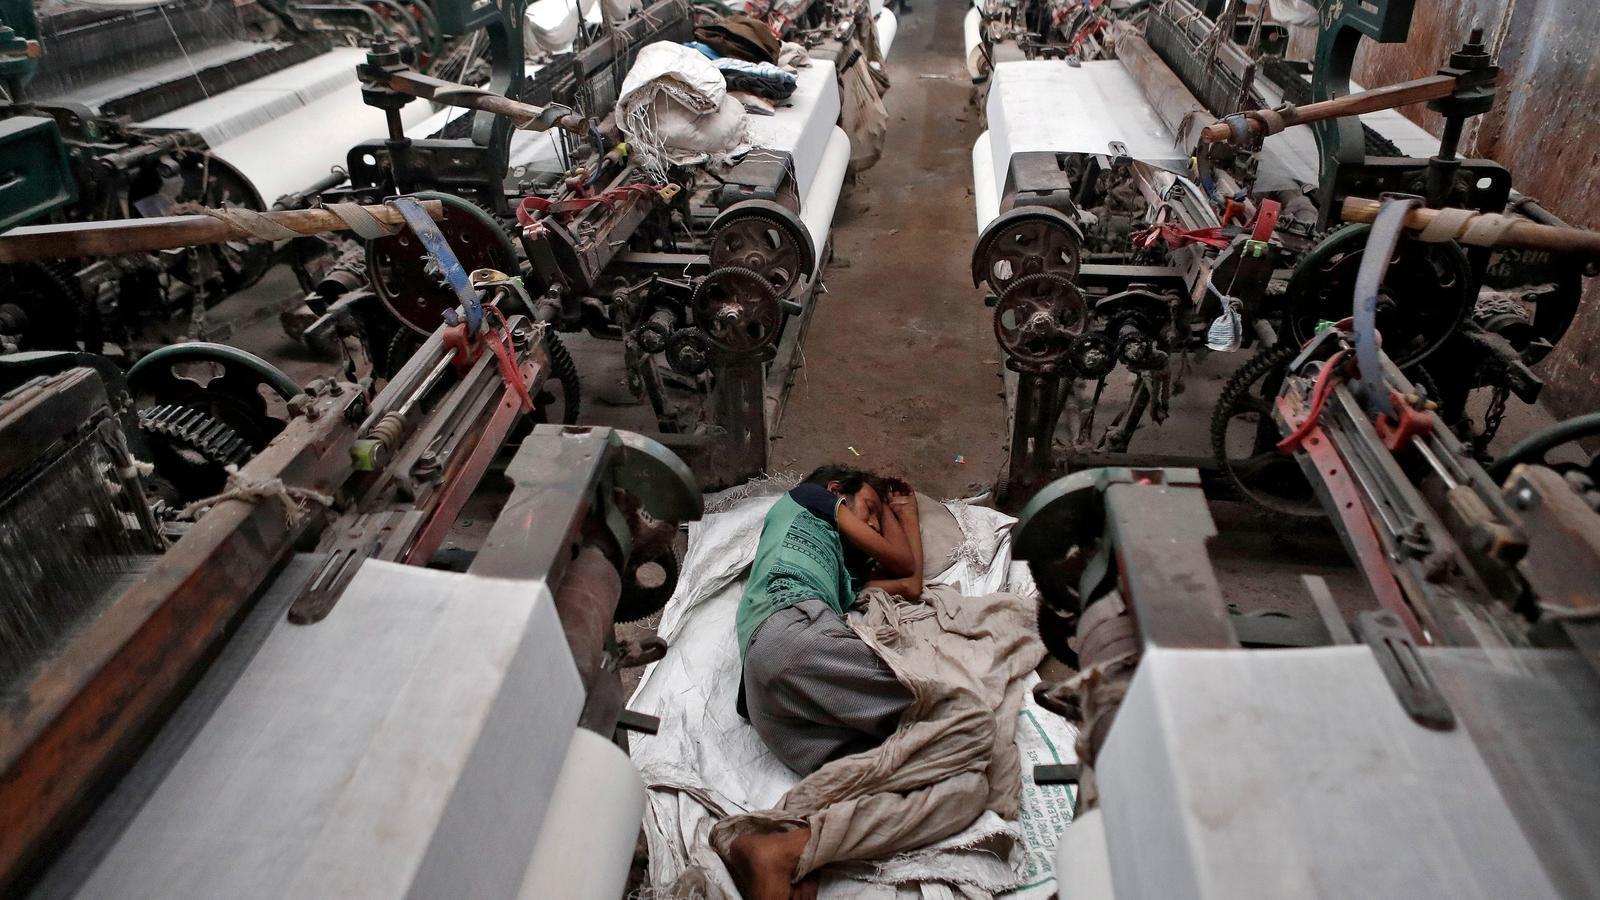 Un treballador immigrant dorm a la fàbrica tèxtil on treballava a Bombai.